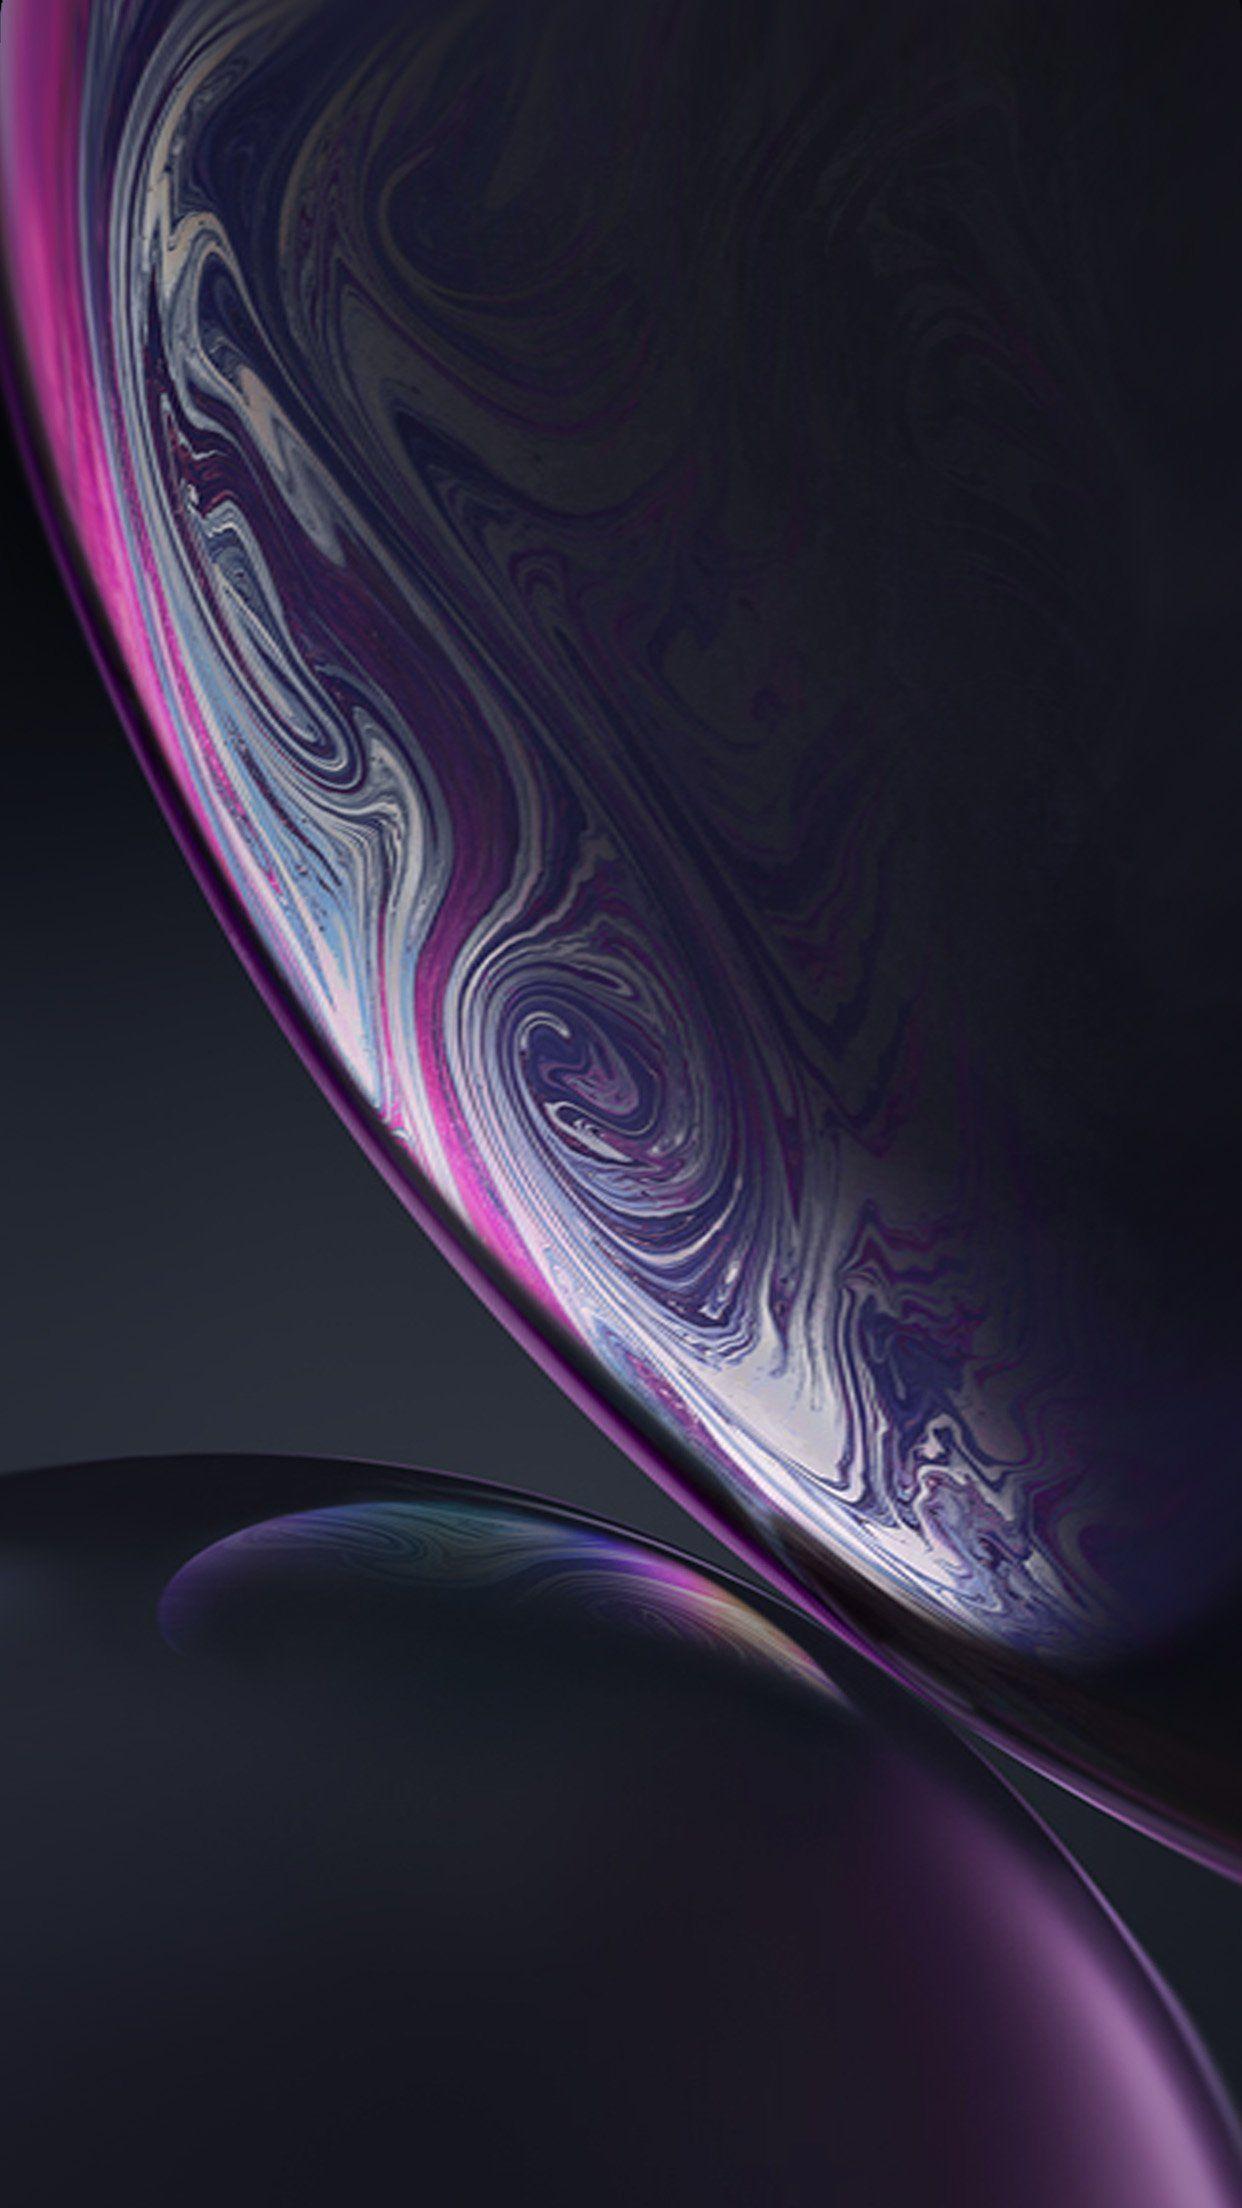 Descarga Los Fondos De Pantalla De Los Nuevos Iphone Xs Xs Max Y Xr In 2020 Apple Wallpaper Iphone 4k Wallpaper Iphone Iphone Wallpaper Ios